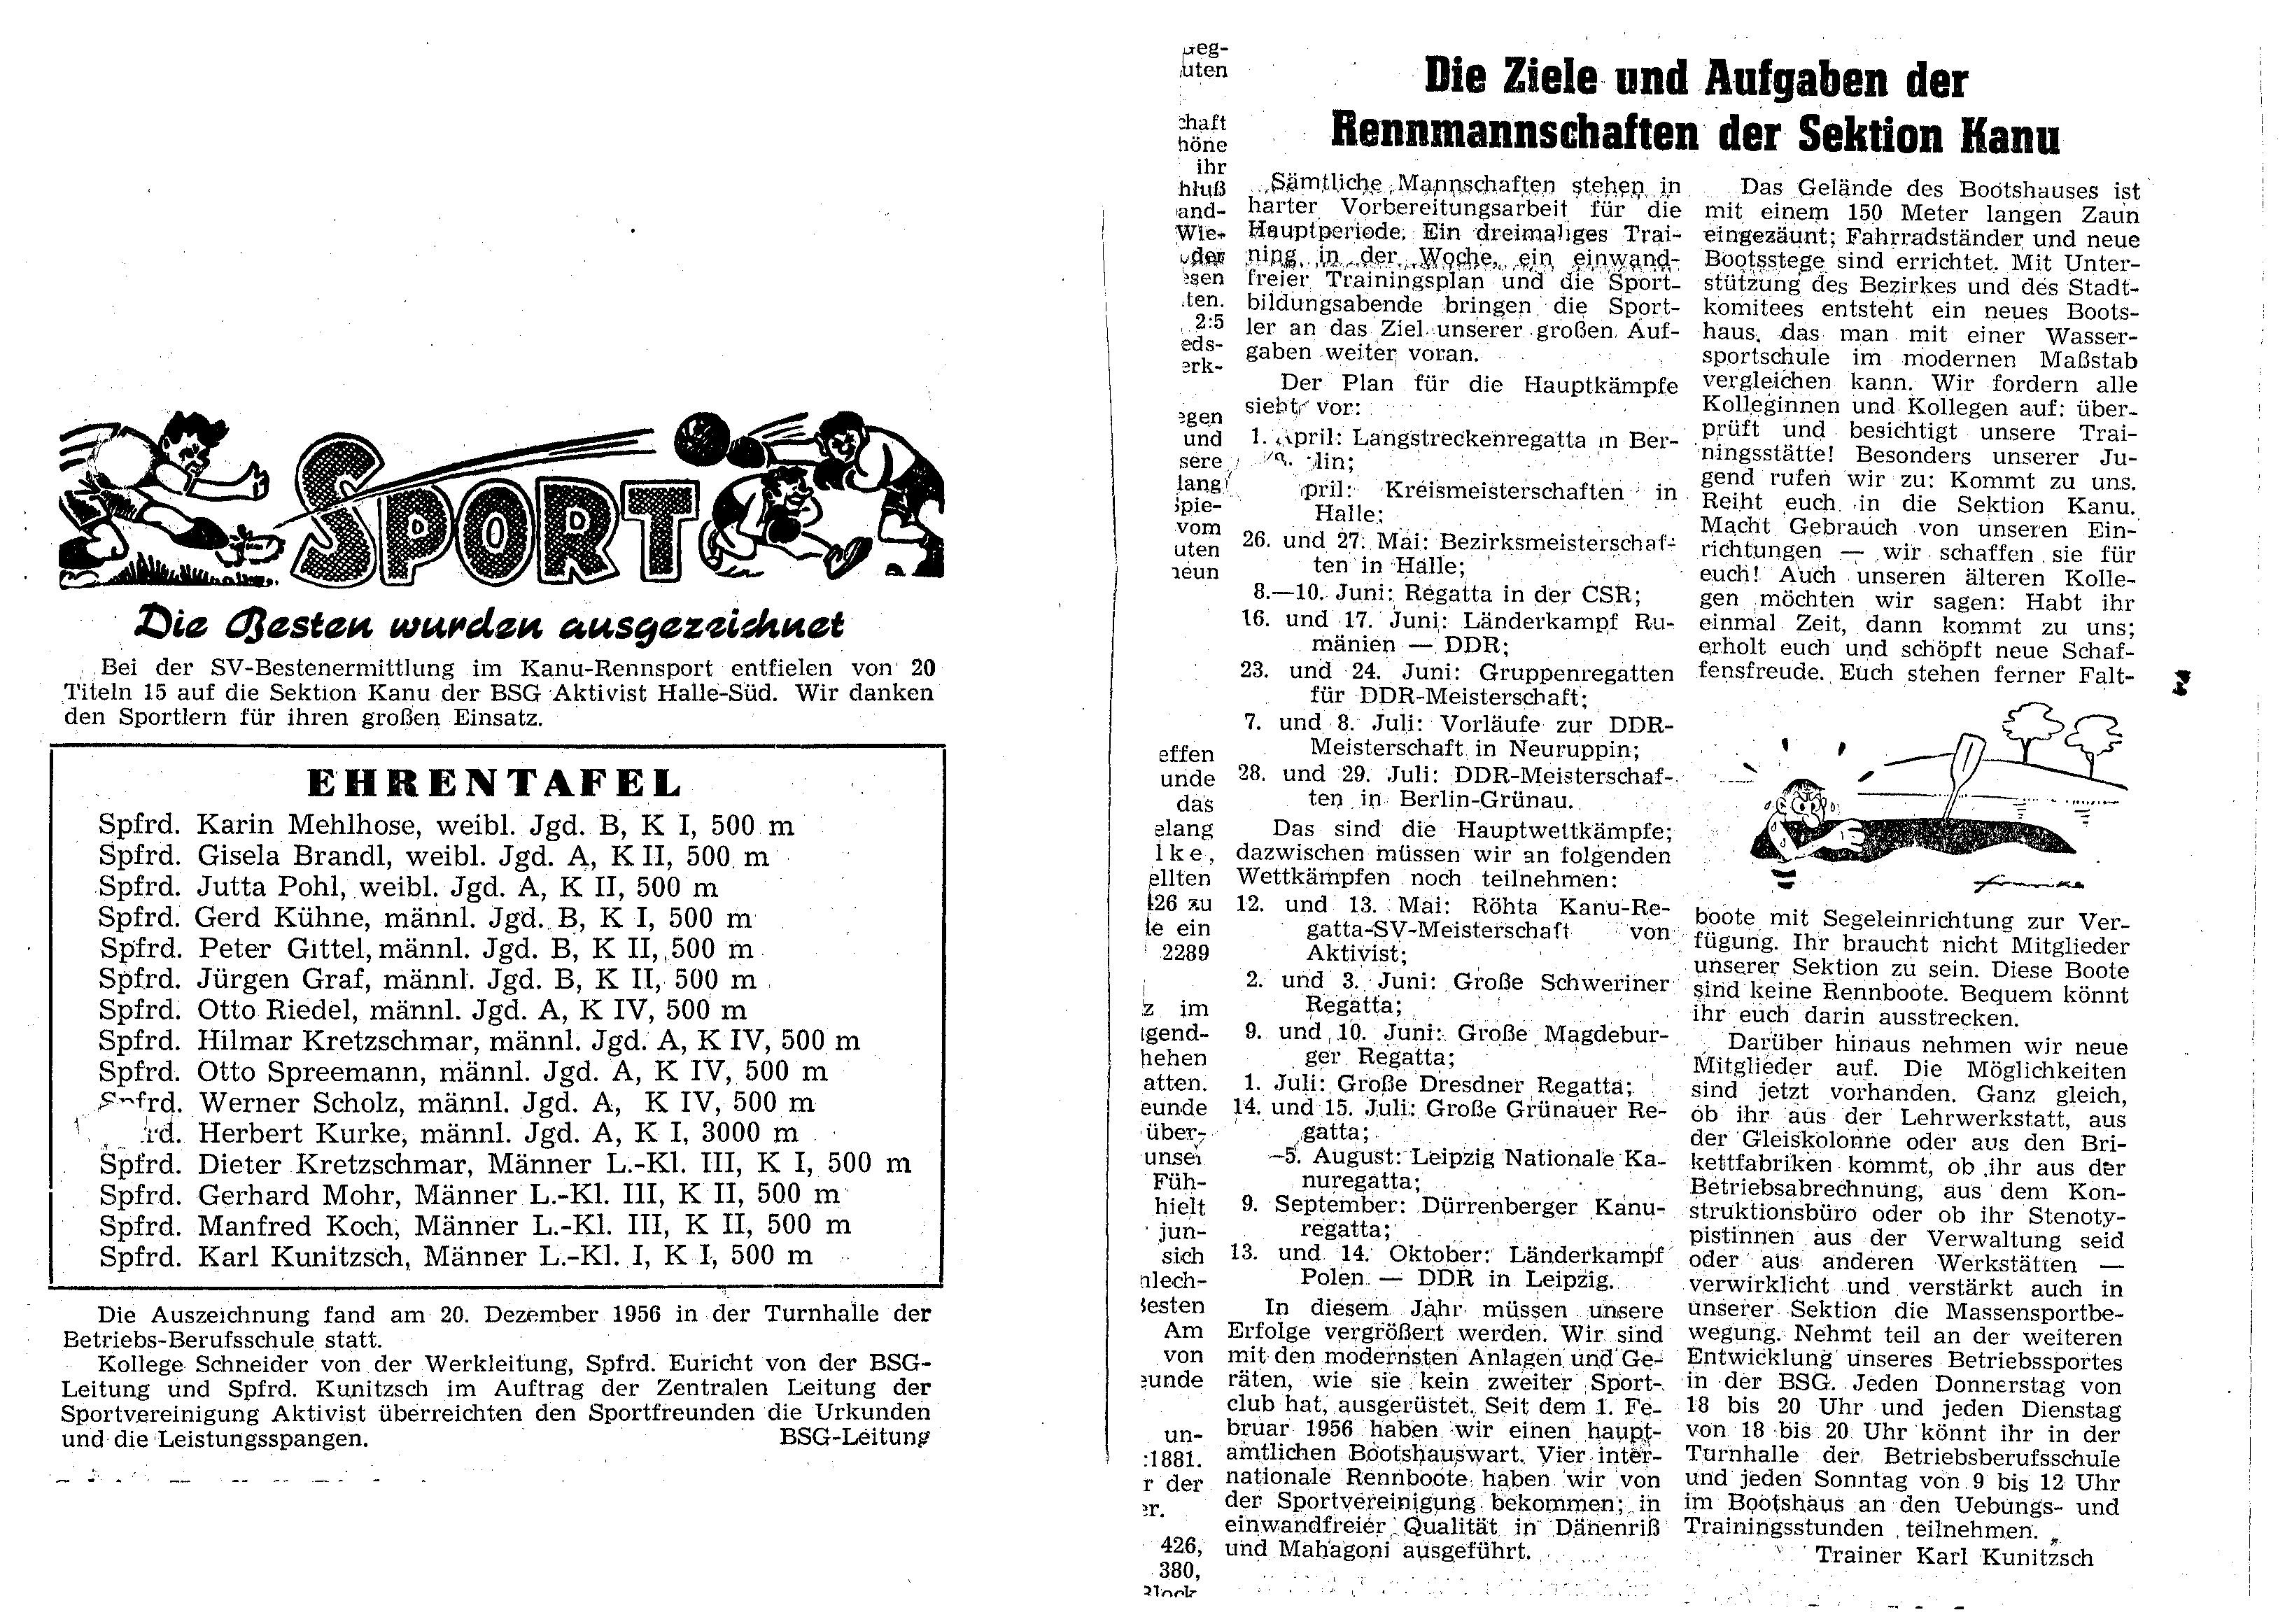 1956-12-20-ziele-und-aufgaben-der-rennmannschaften-der-sektion-kanu-ehrentafel